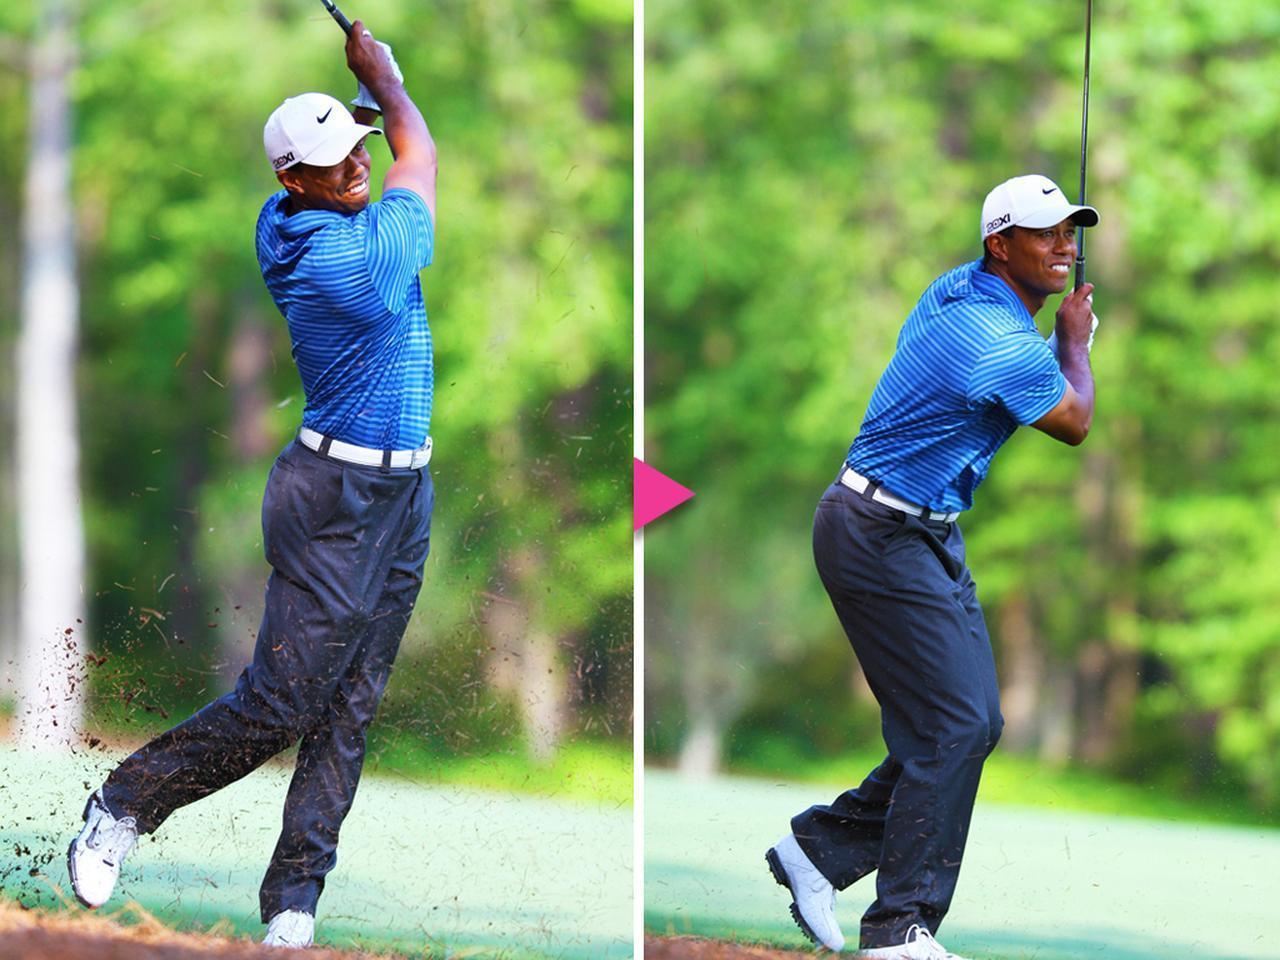 画像: 【アイアン】目指せ、タイガーみたいなカッコいい球。第3弾「インテンショナルスライス」が打ちたい! - ゴルフへ行こうWEB by ゴルフダイジェスト